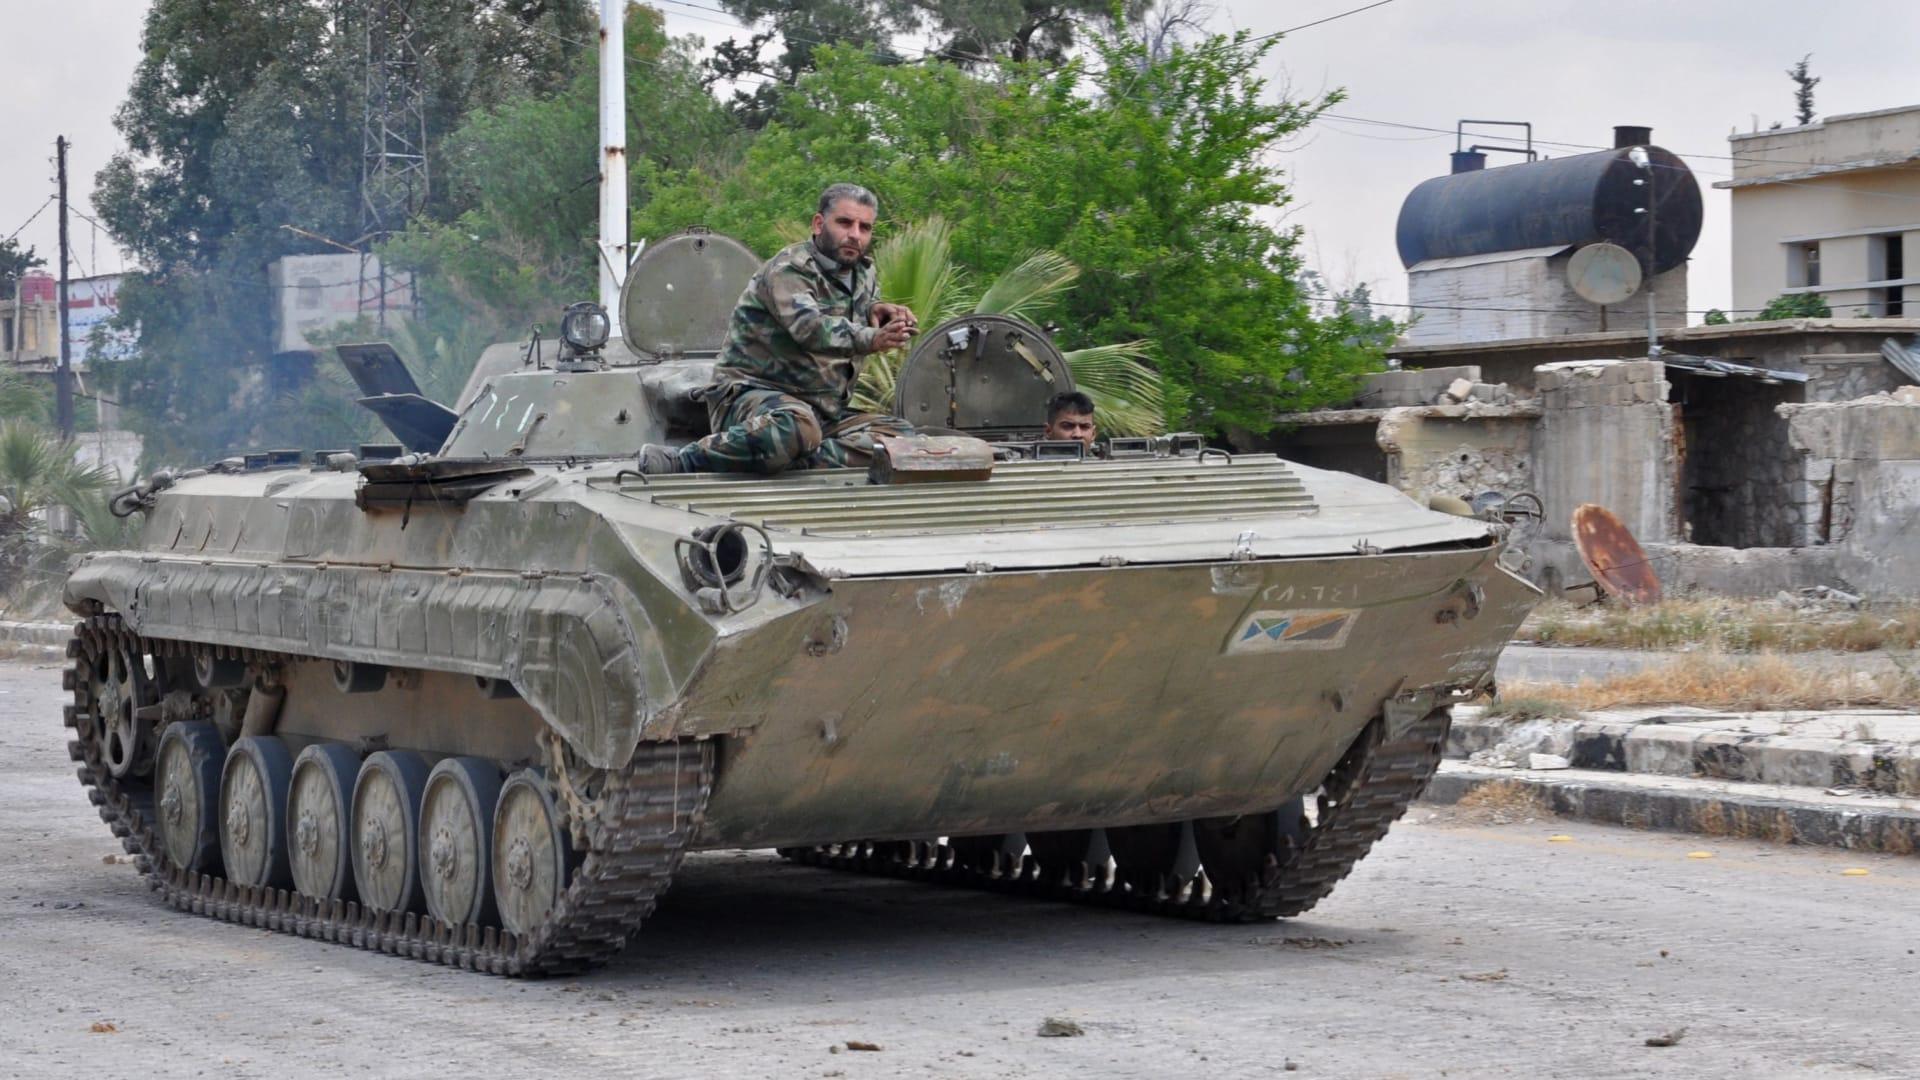 الجيش السوري يعلن سيطرته الكاملة على الحجر الأسود ومخيم اليرموك